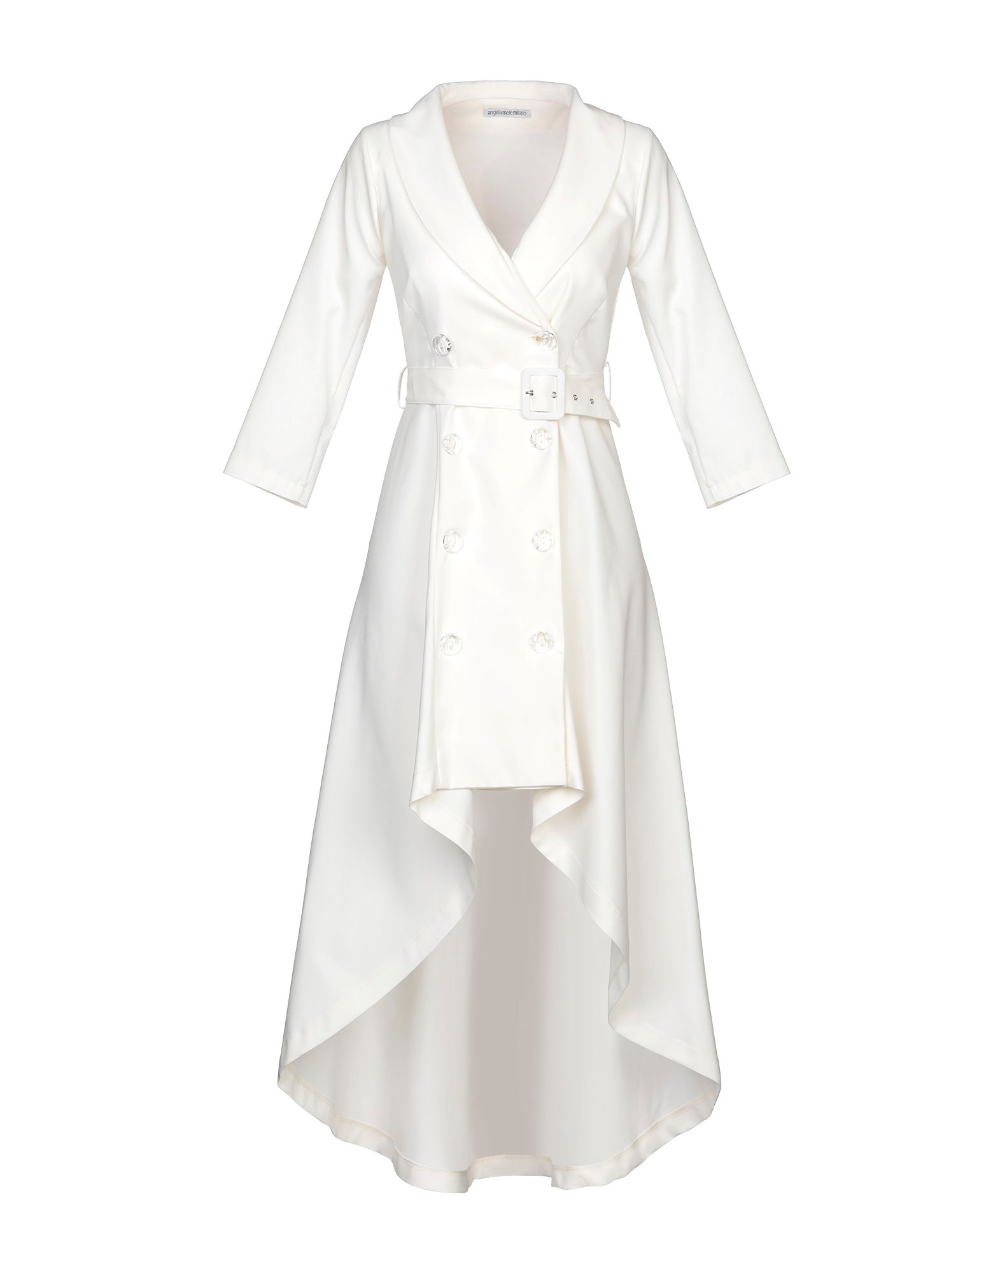 angela mele milano kurzes kleid - kleid | yoox | kurze